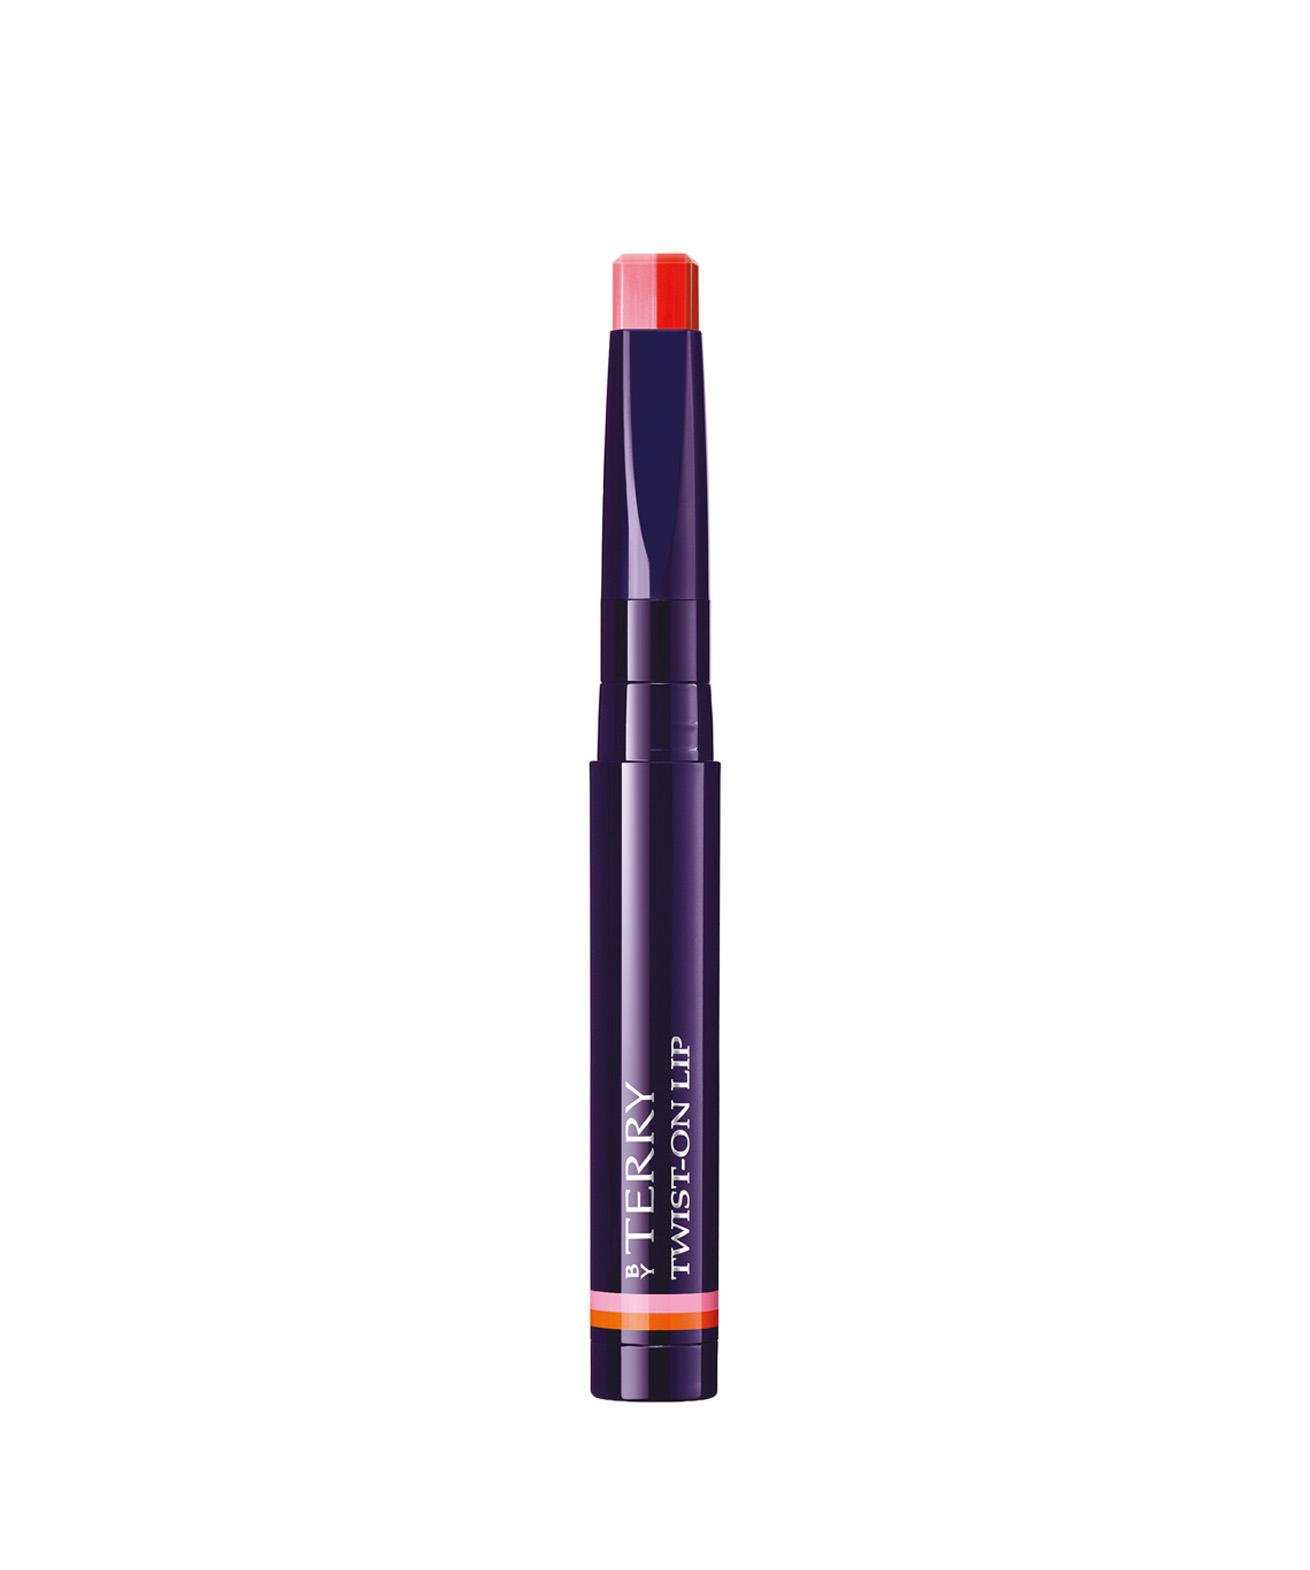 1-Twist-On-Lip-rossetto-stilo-bicolore-contorno-volume-Linea-makeup-di-nicchia-By-Terry-Dispar-SpA.jpg